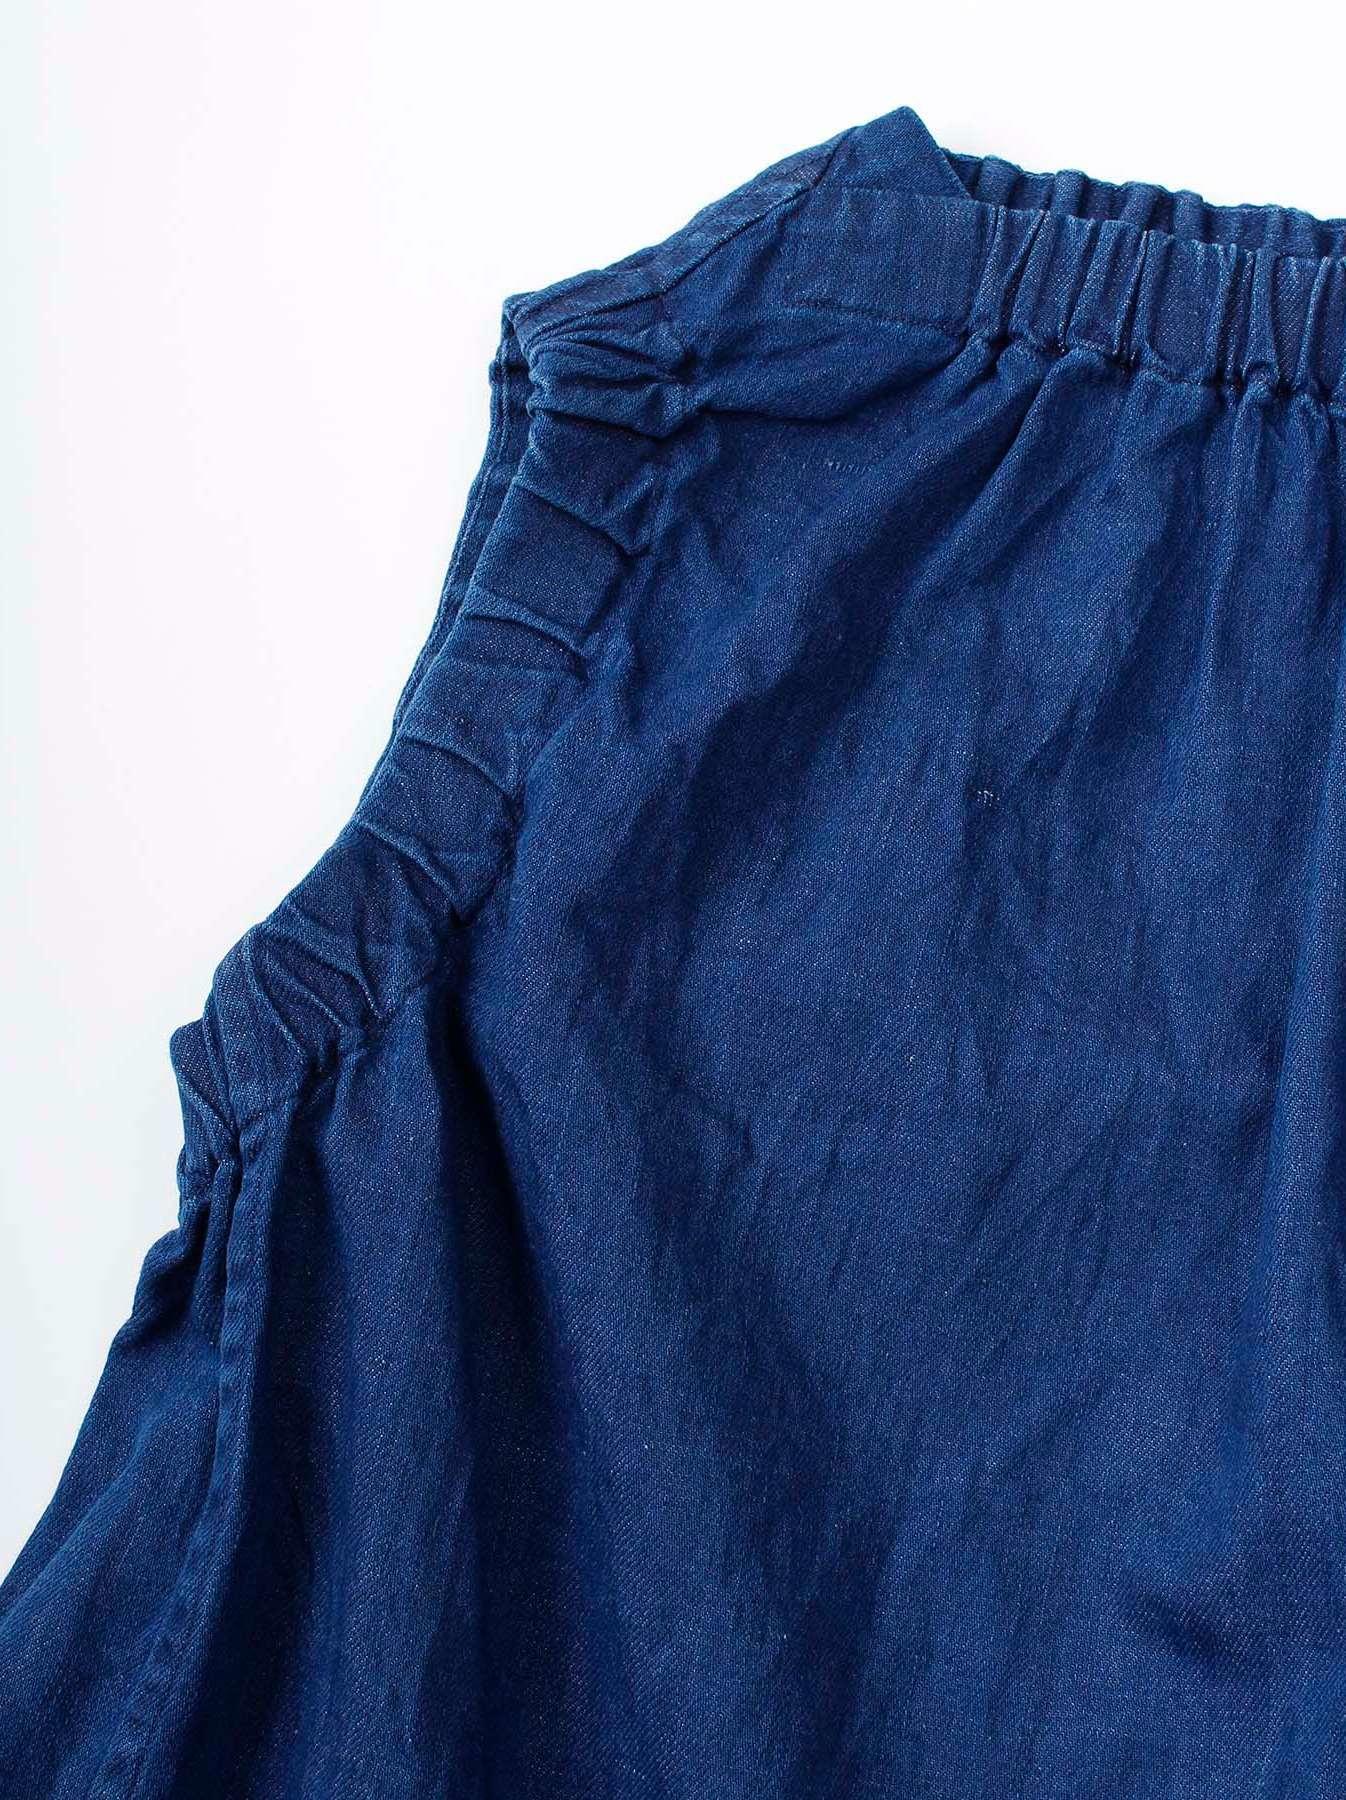 WH Cotton-linen Denim Camisole-8